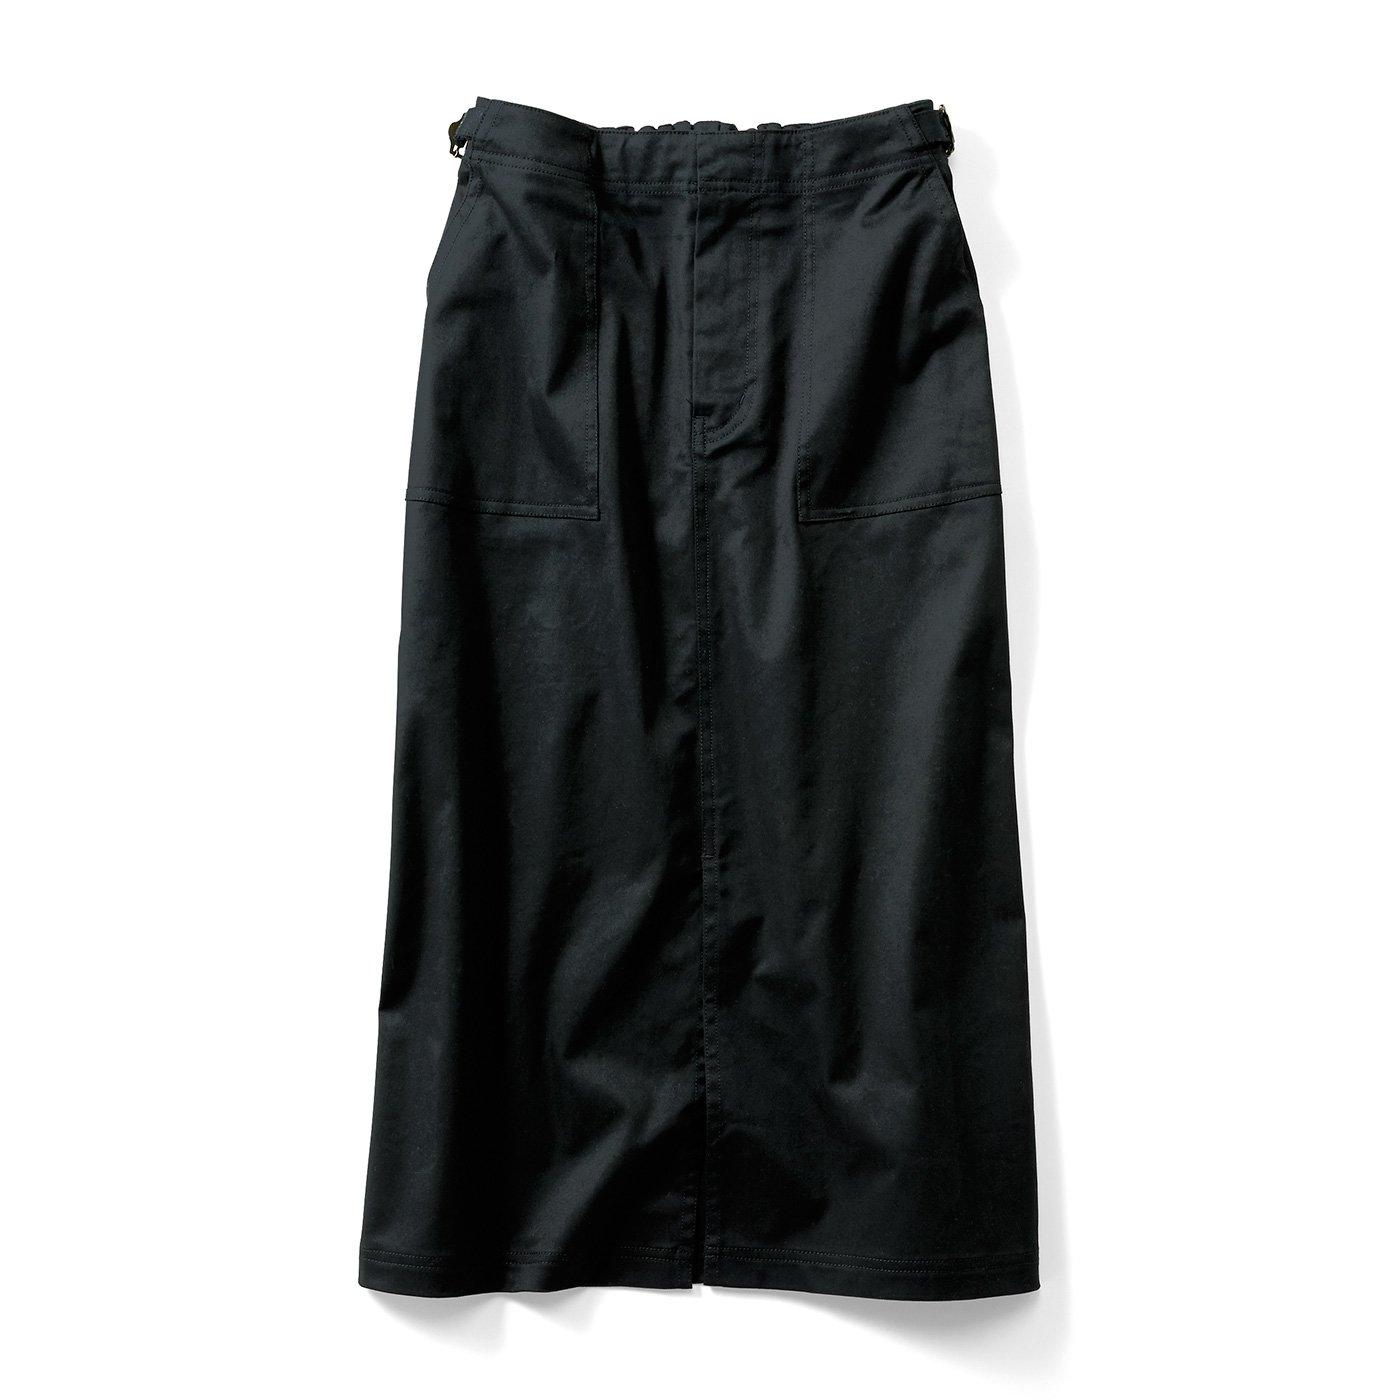 IEDIT[イディット] Iラインシルエットの ミリタリーテイストロングスカート〈ブラック〉